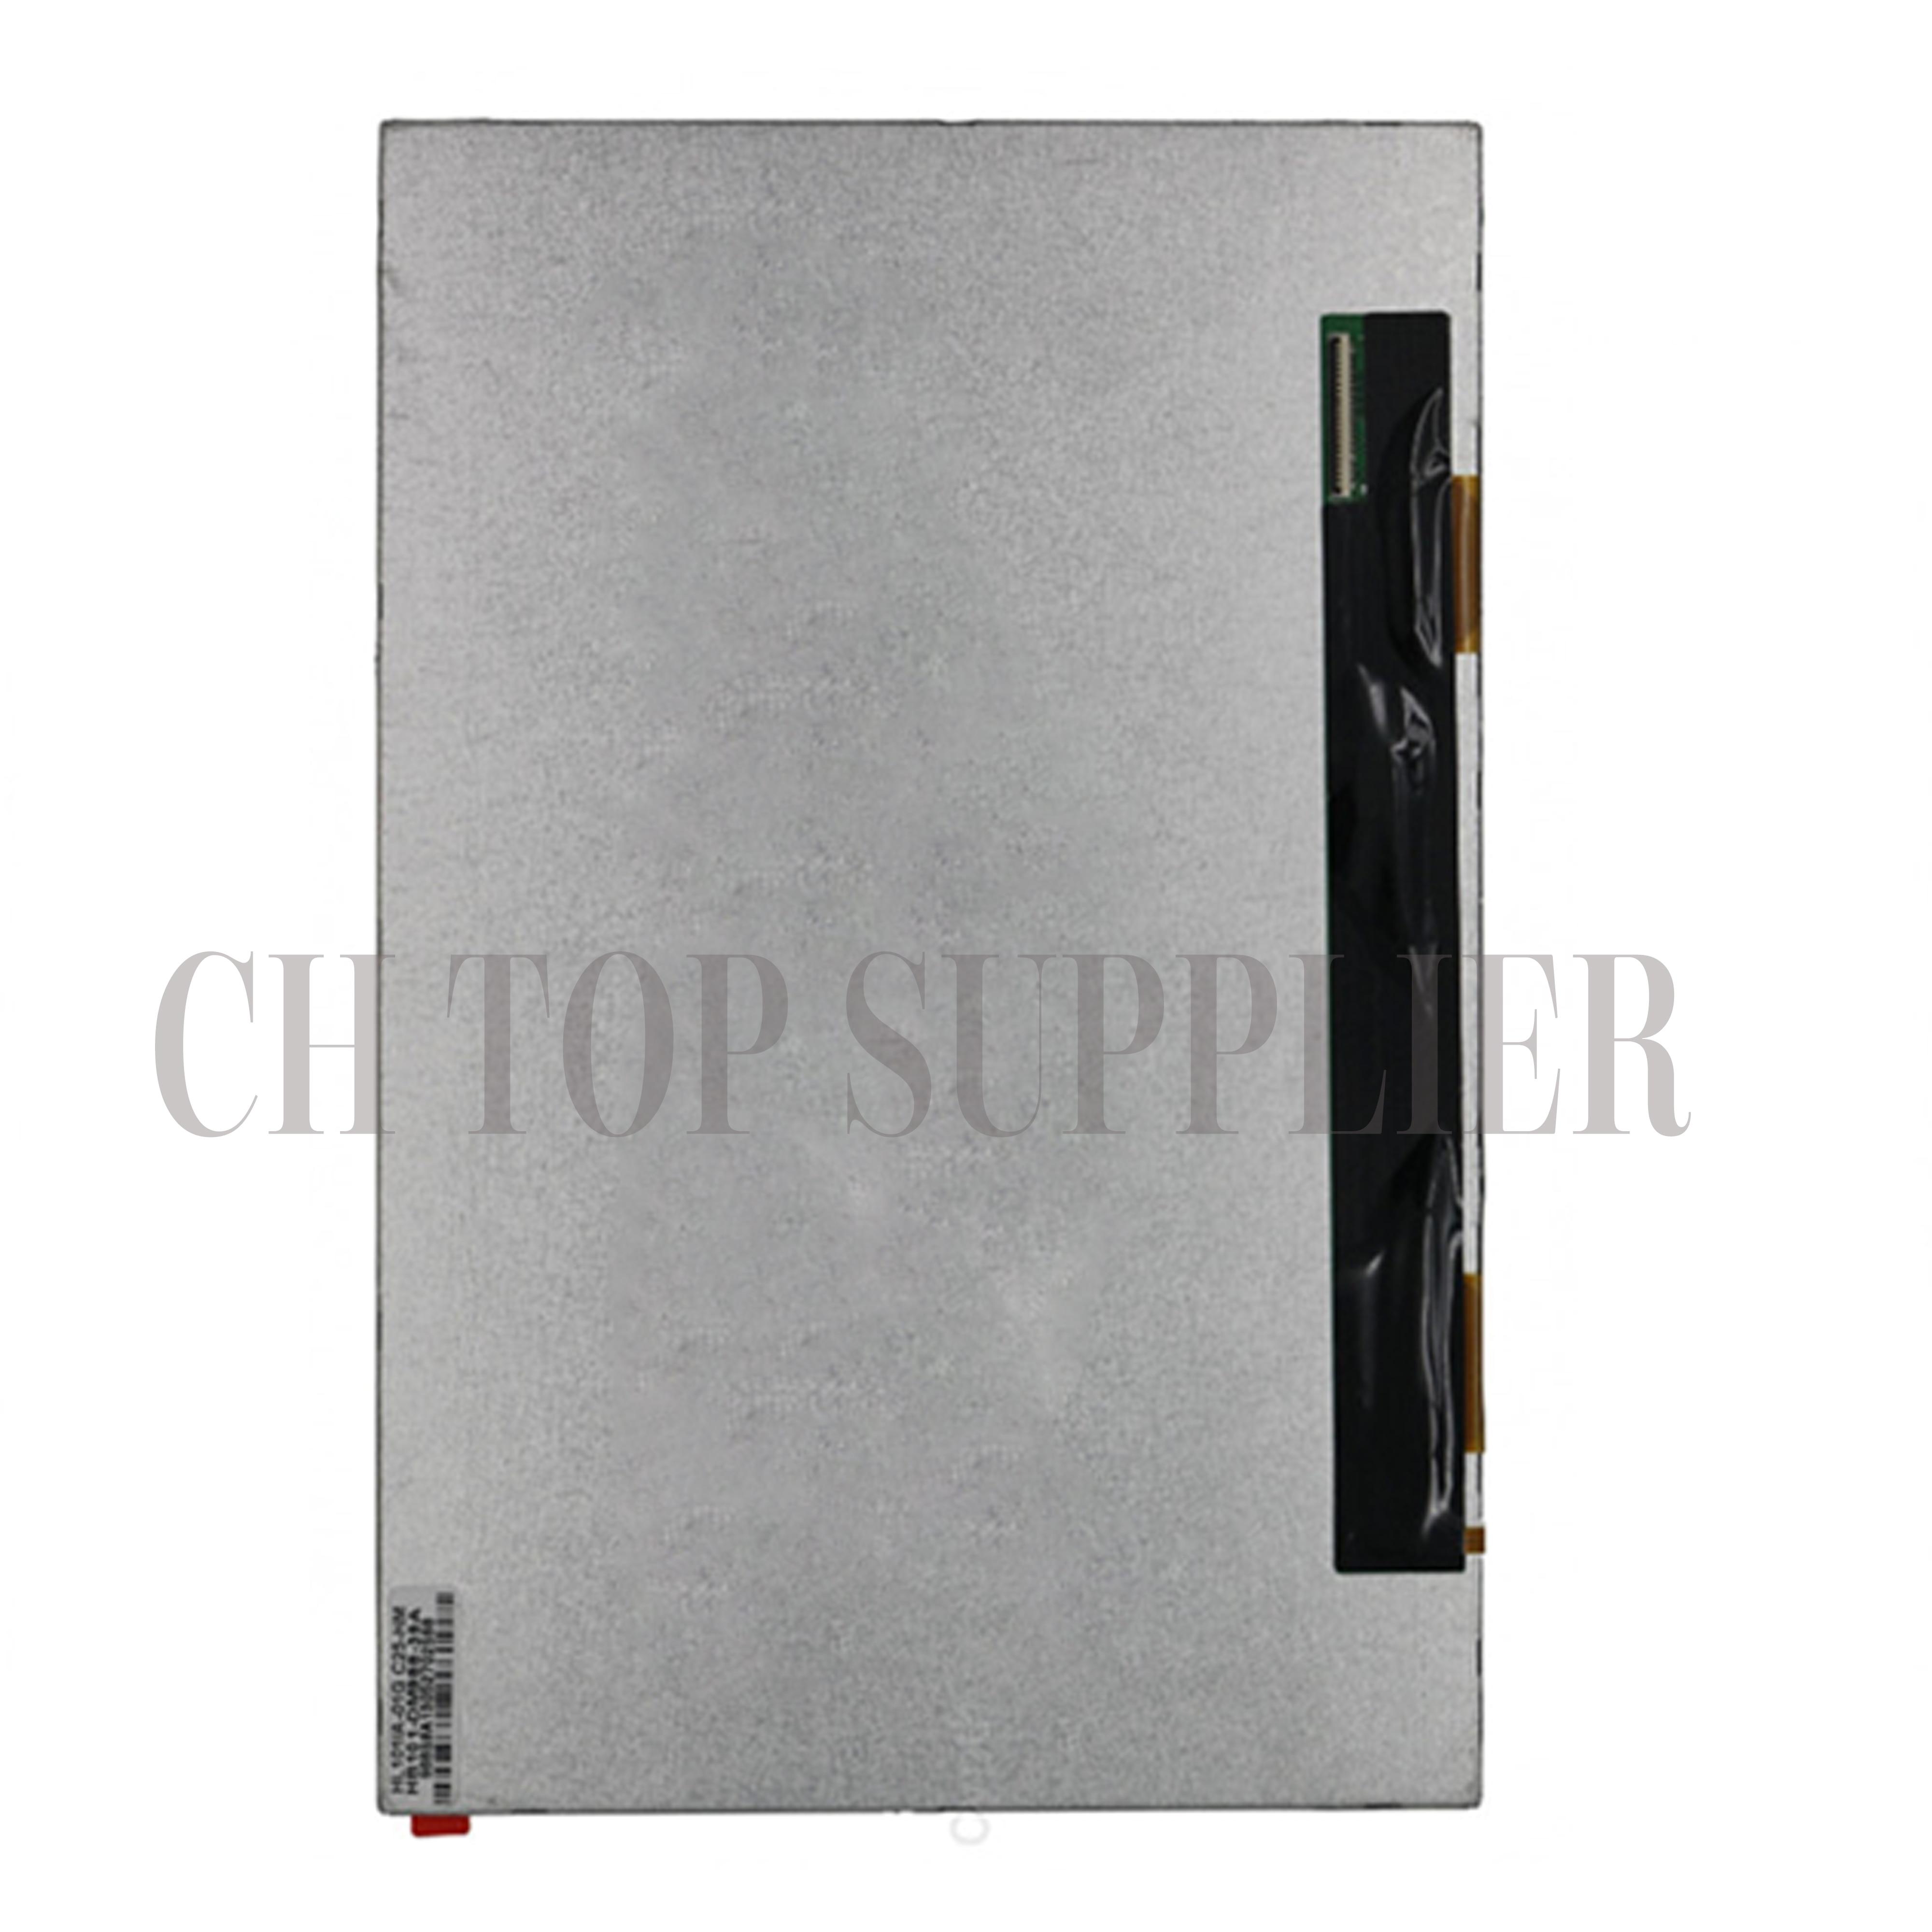 10.1 pouce LCD Écran D'affichage Pour Ampe A10 LCD Sanei N10 LCD sans écran tactile digitizer Livraison gratuite!!!